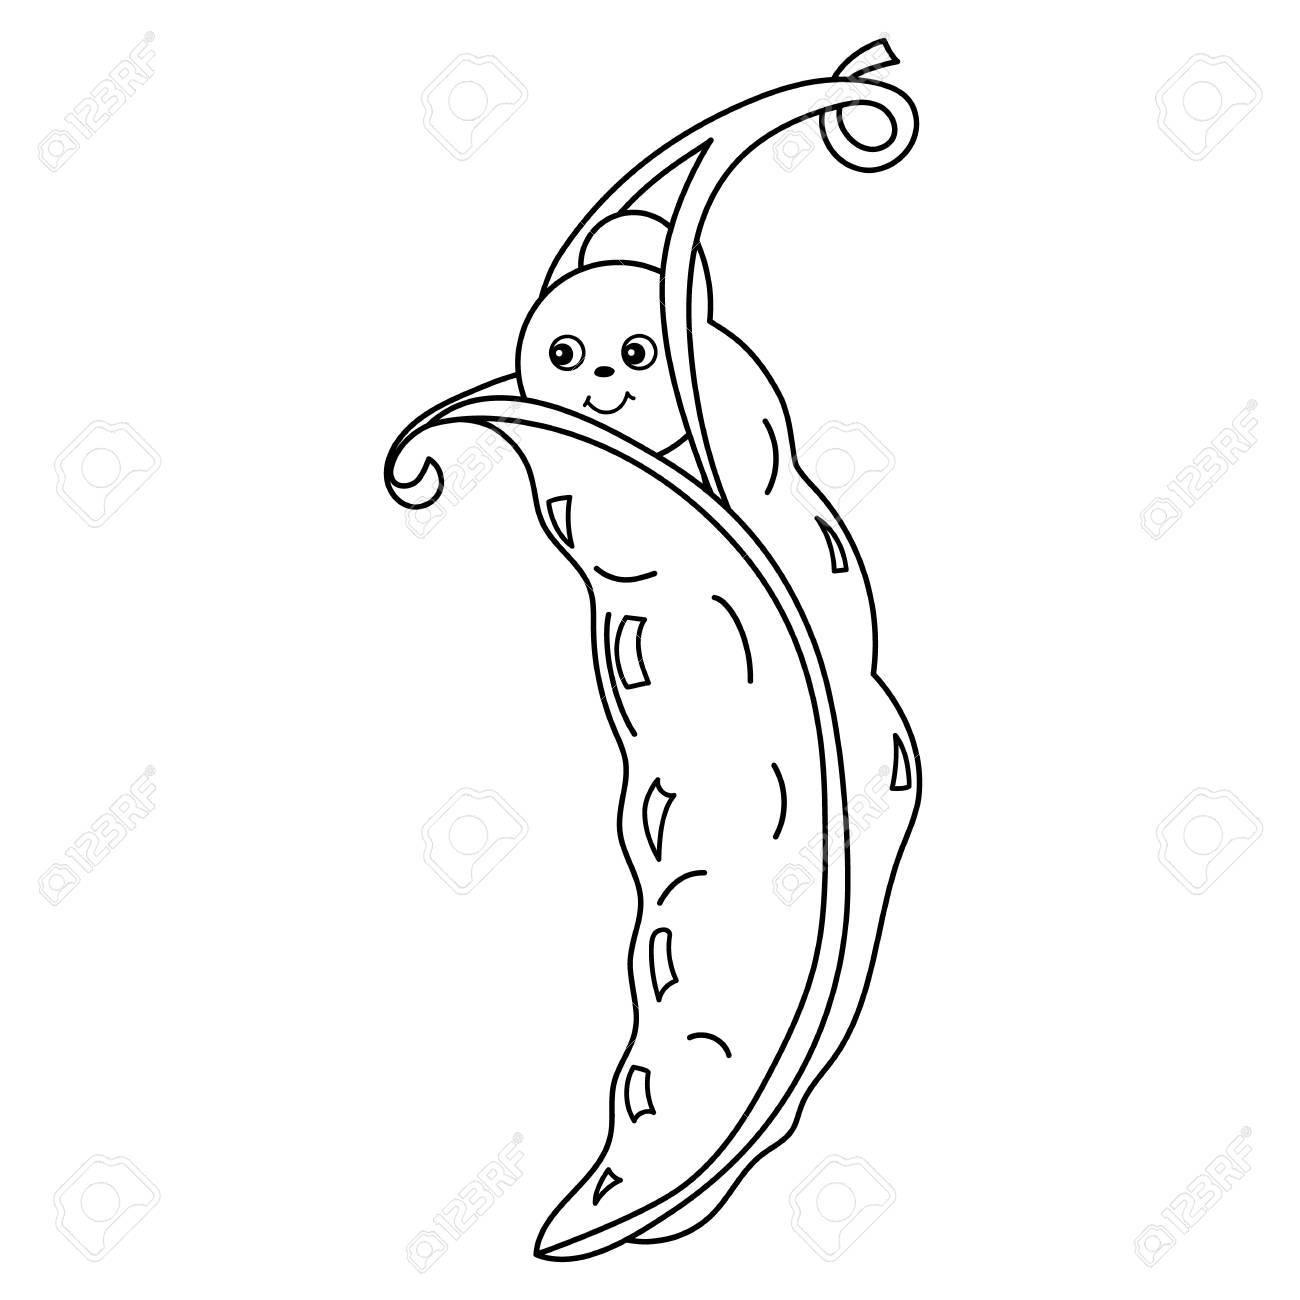 Pois De Dessin Animé Mignon Vector Noir Et Blanc Avec Visage Souriant émoticône Végétale De Vecteur Pois De Dessin Animé Vector Illustration